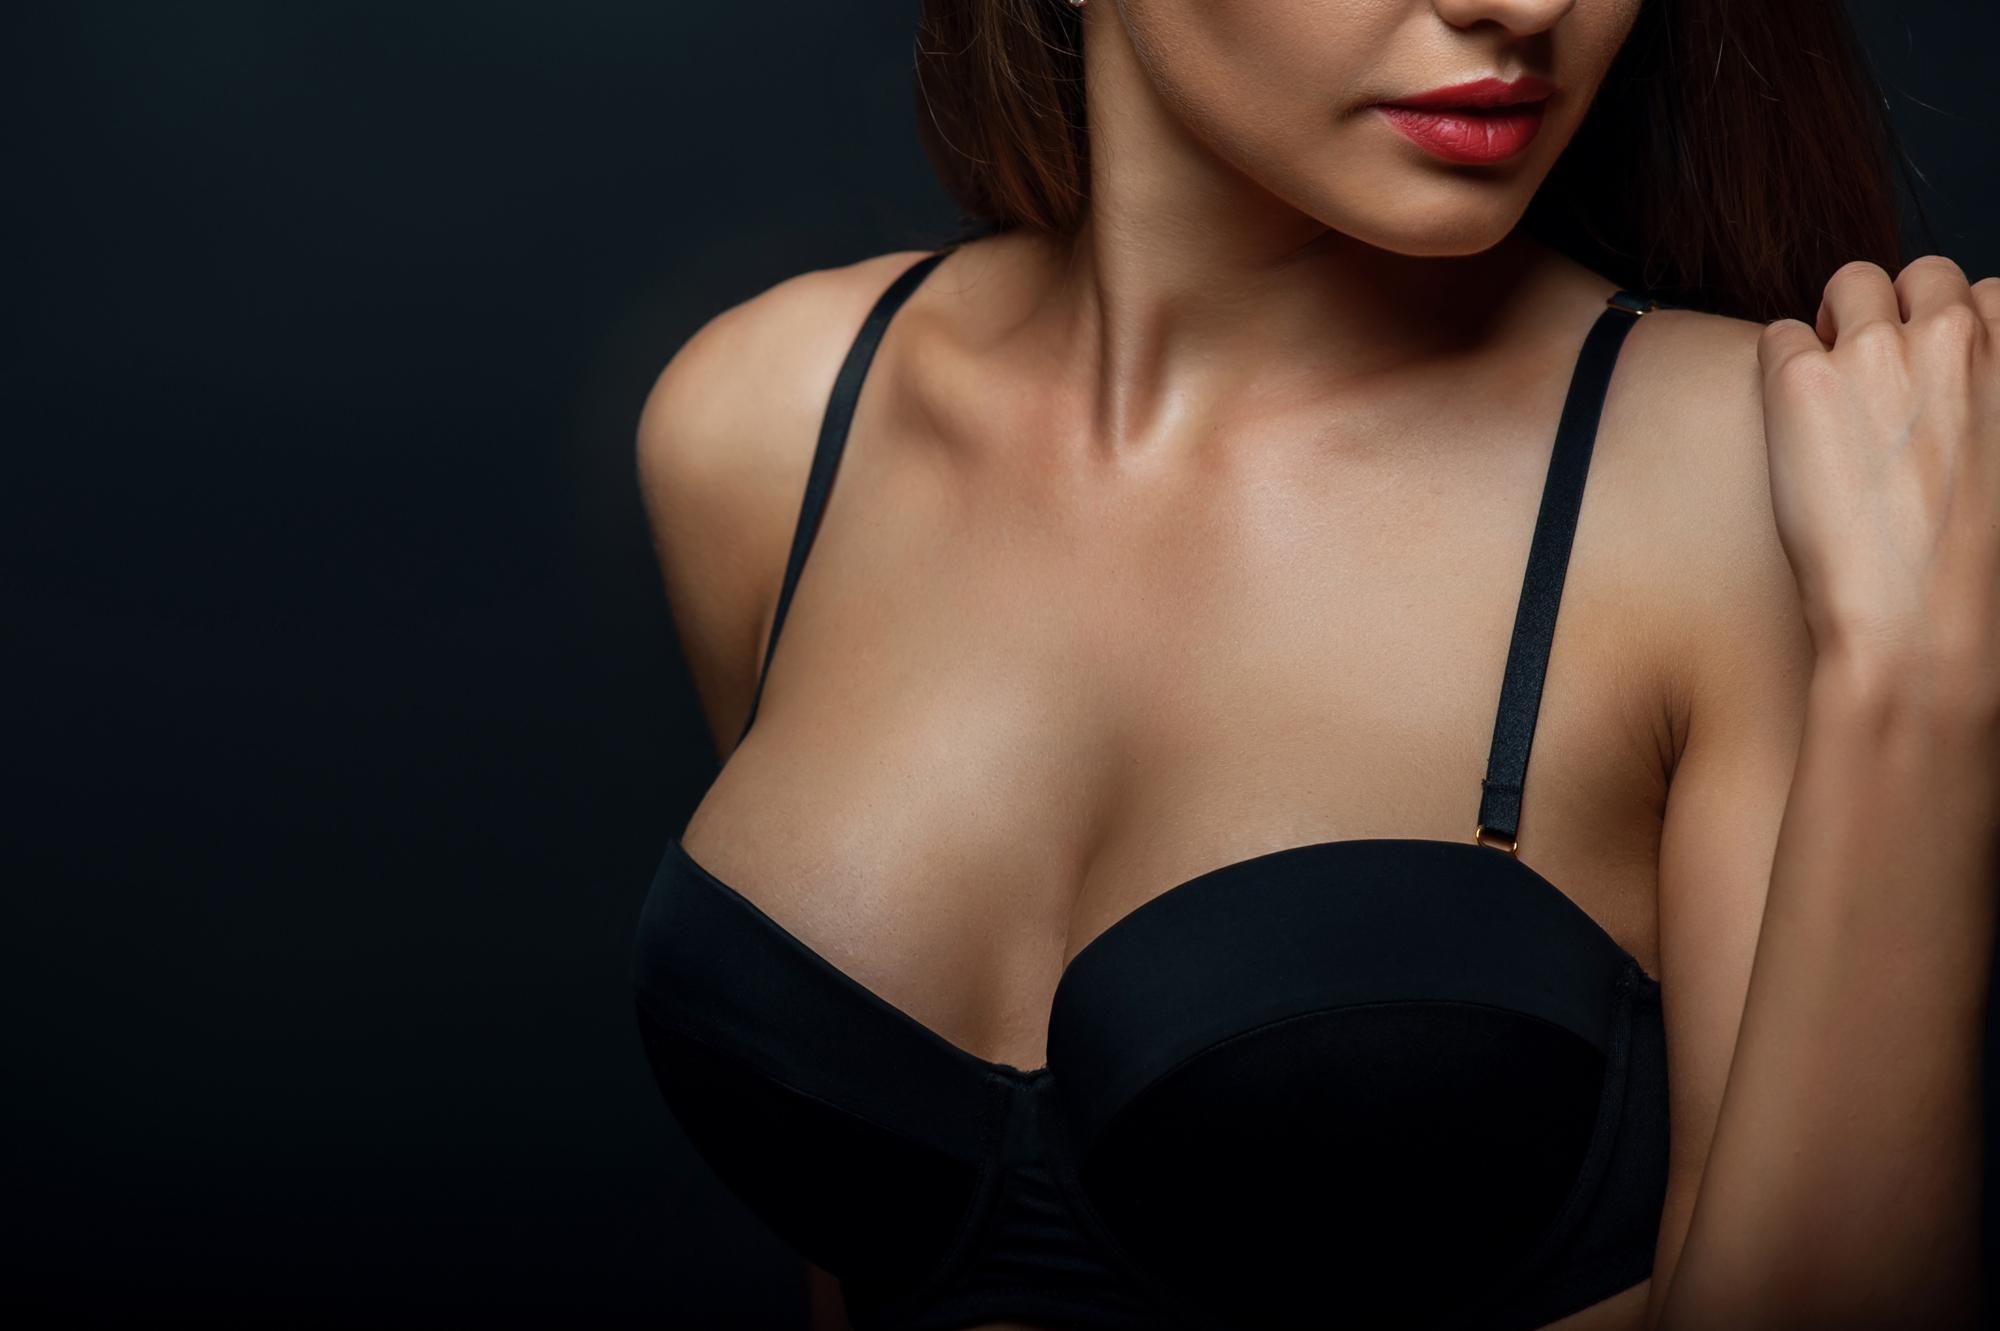 хотелось, фотографирует свою грудь в бюстгальтере которой